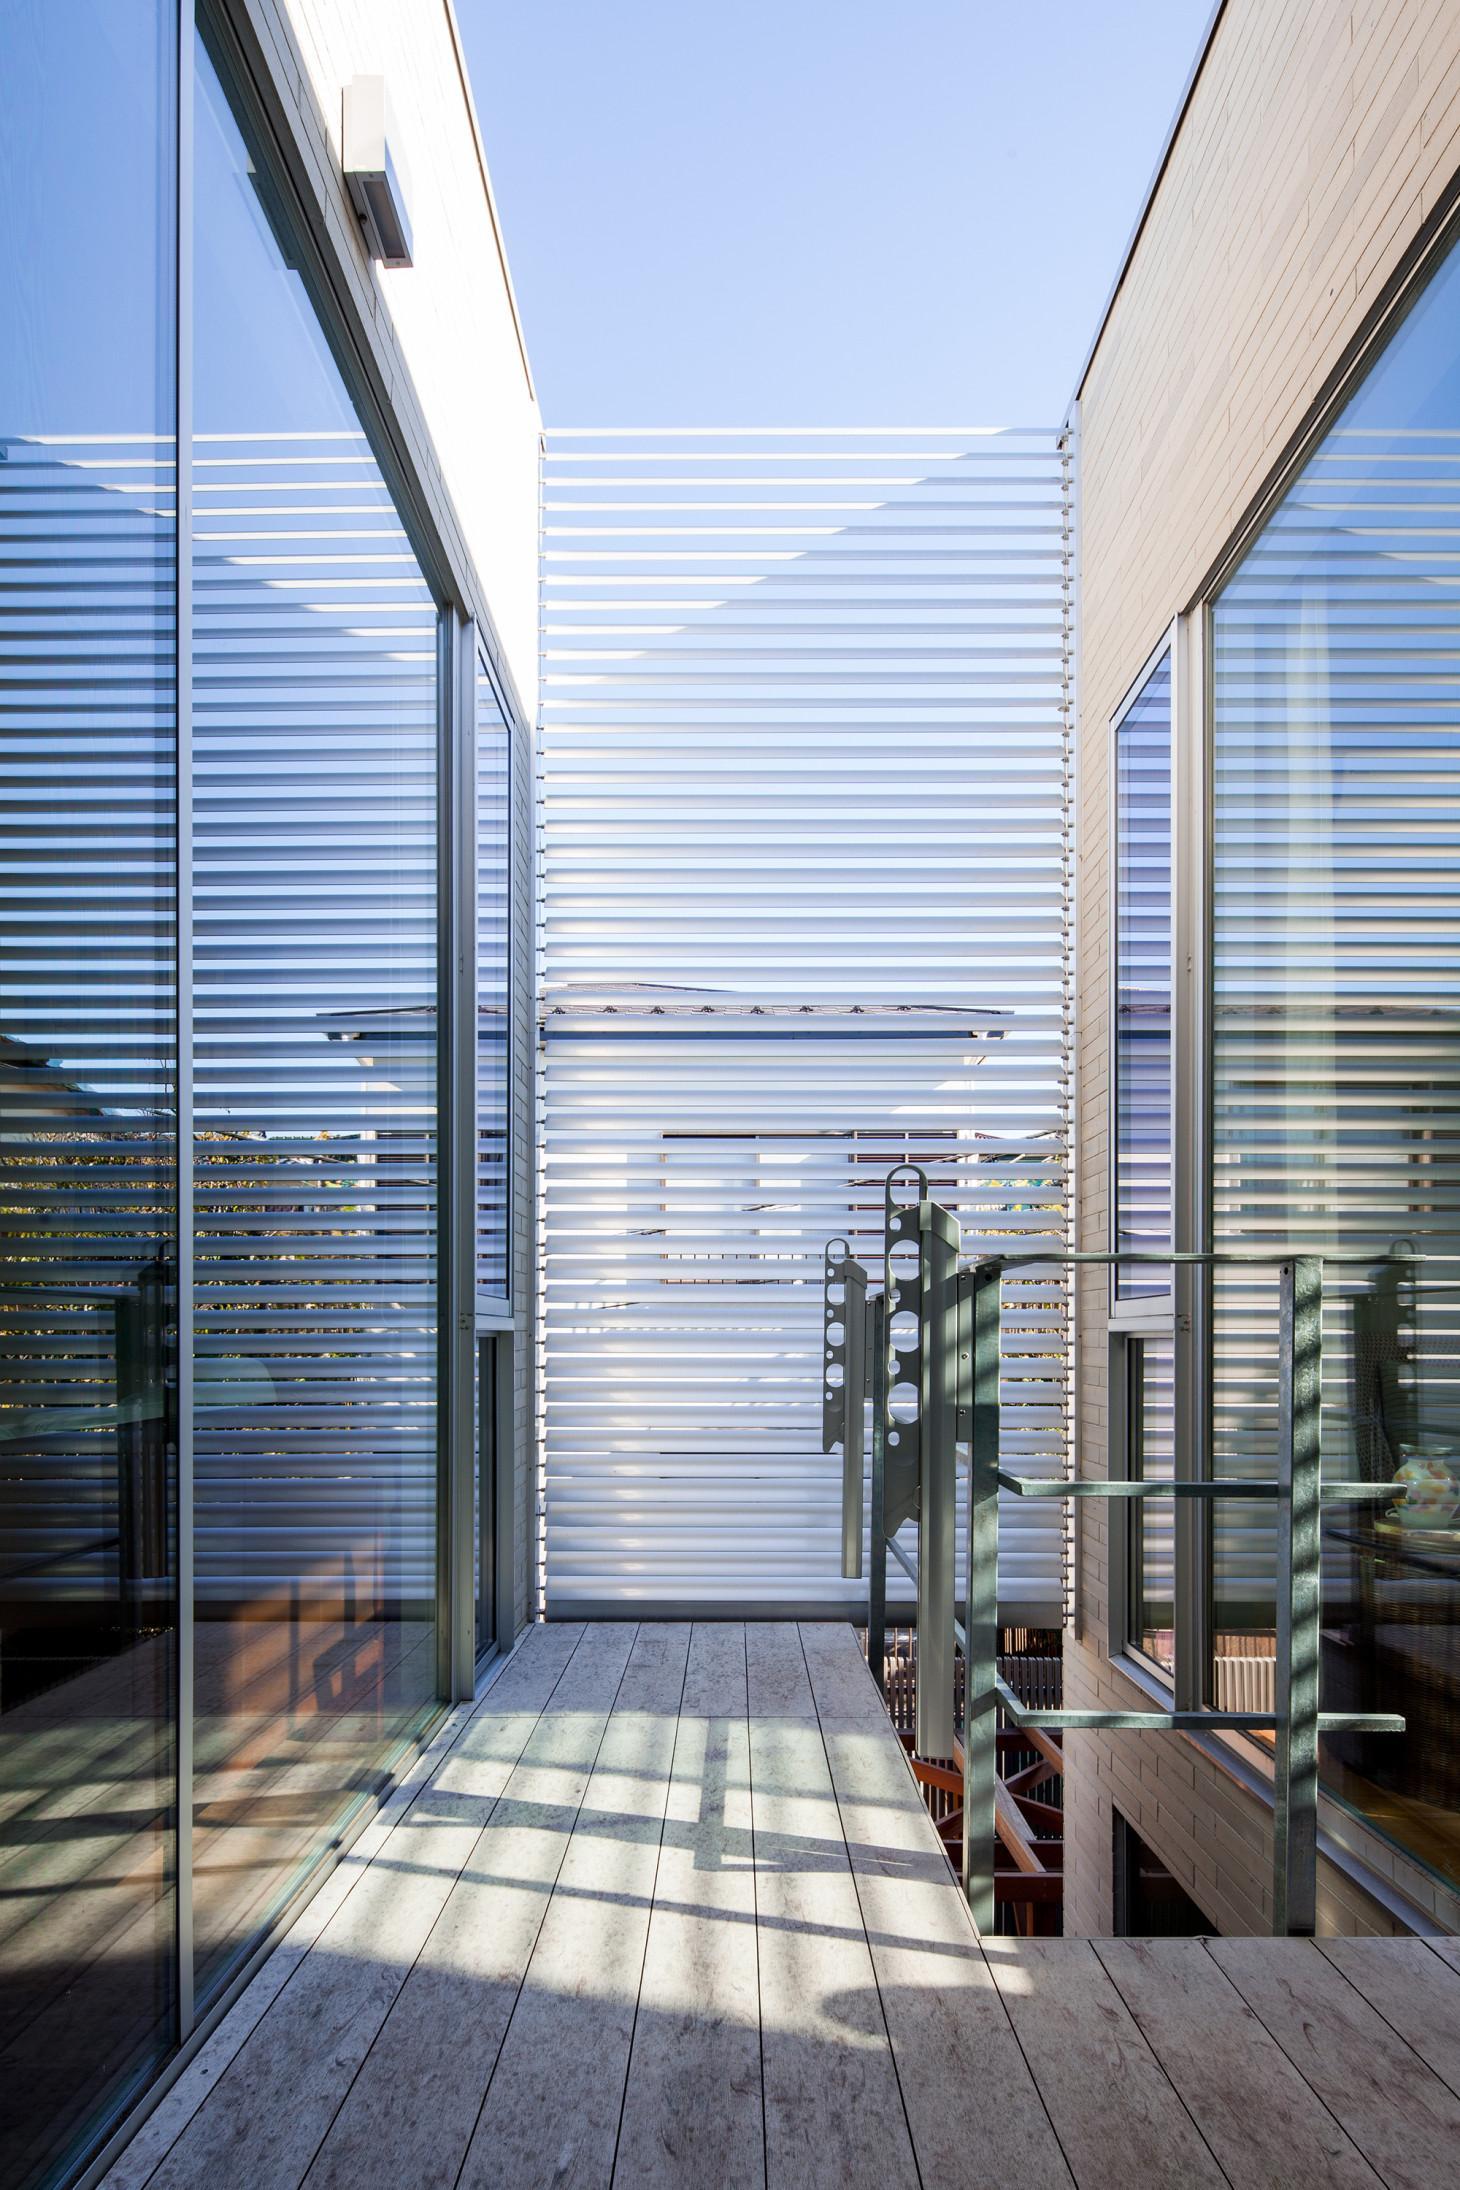 坪庭の家の写真 ウッドデッキテラス